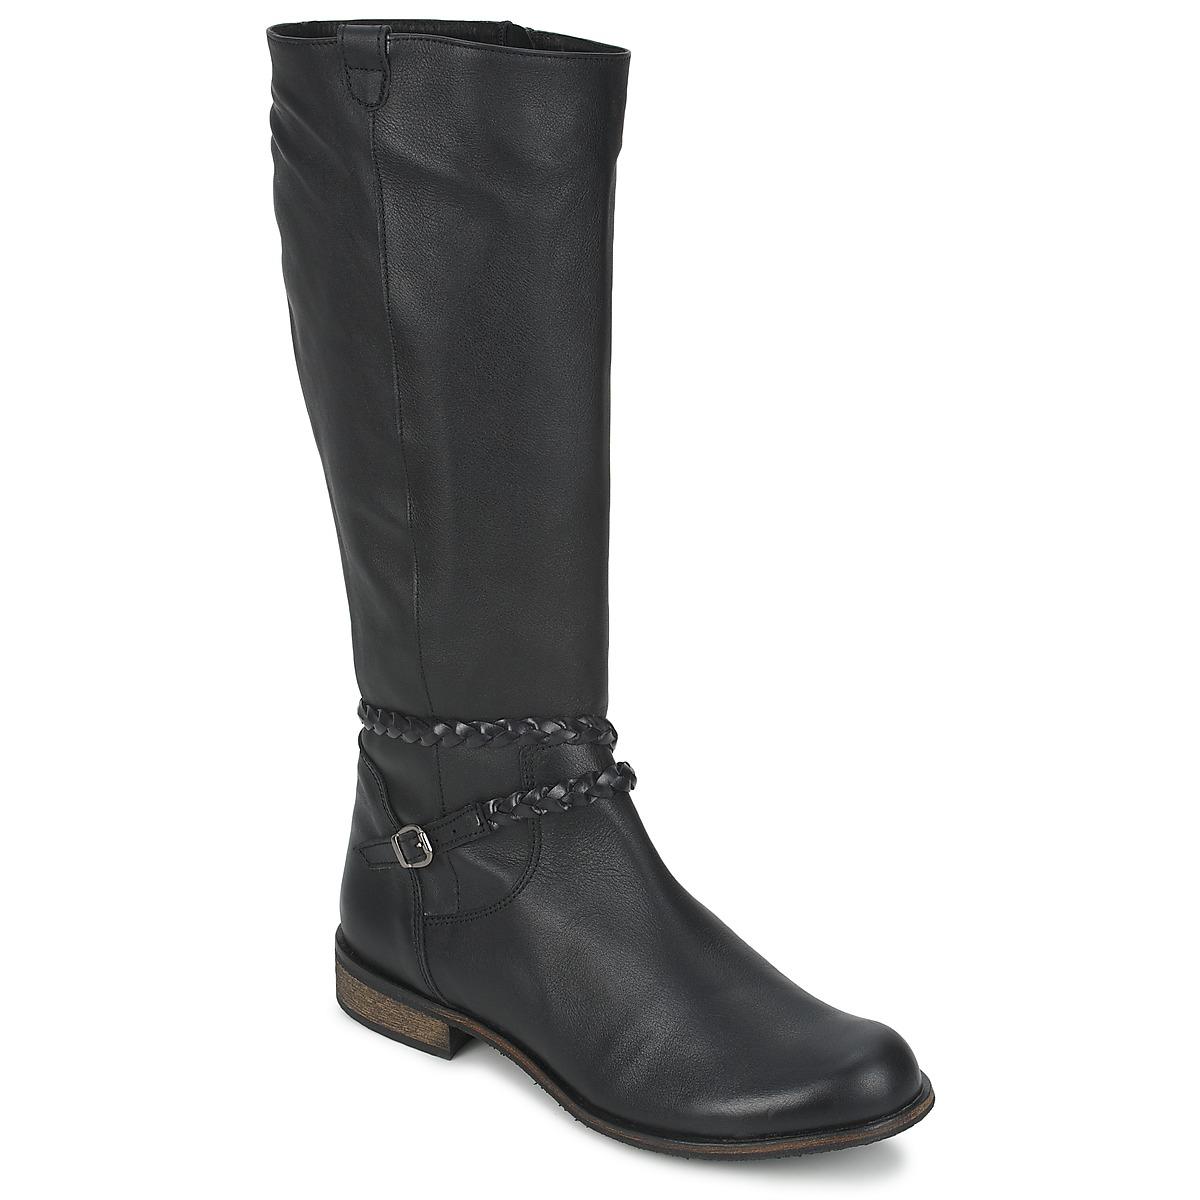 So Size BERTOU Schwarz - Kostenloser Versand bei Spartoode ! - Schuhe Klassische Stiefel Damen 149,00 €